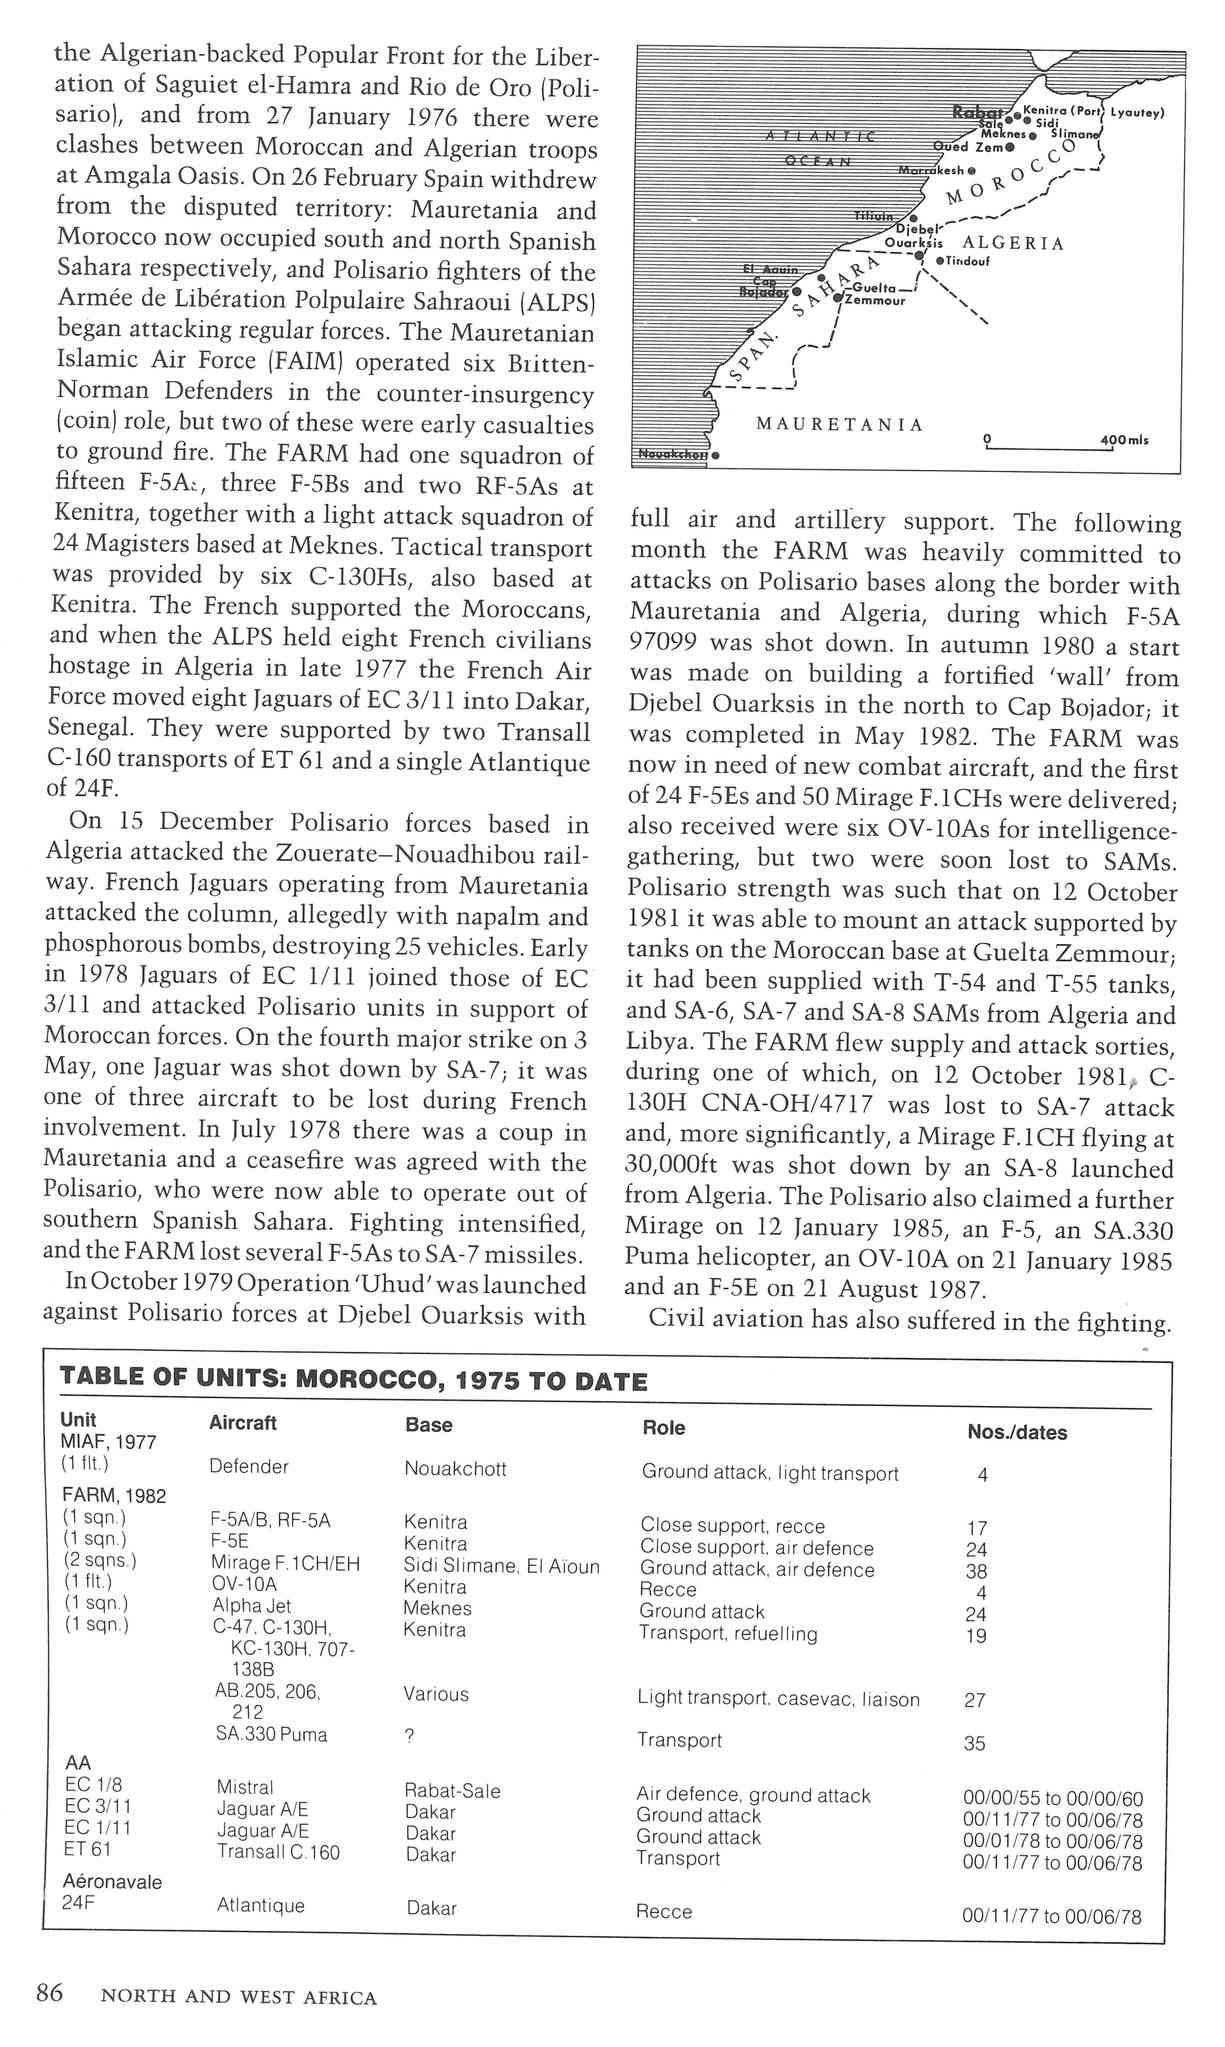 Le conflit armé du sahara marocain - Page 9 Clipbo32